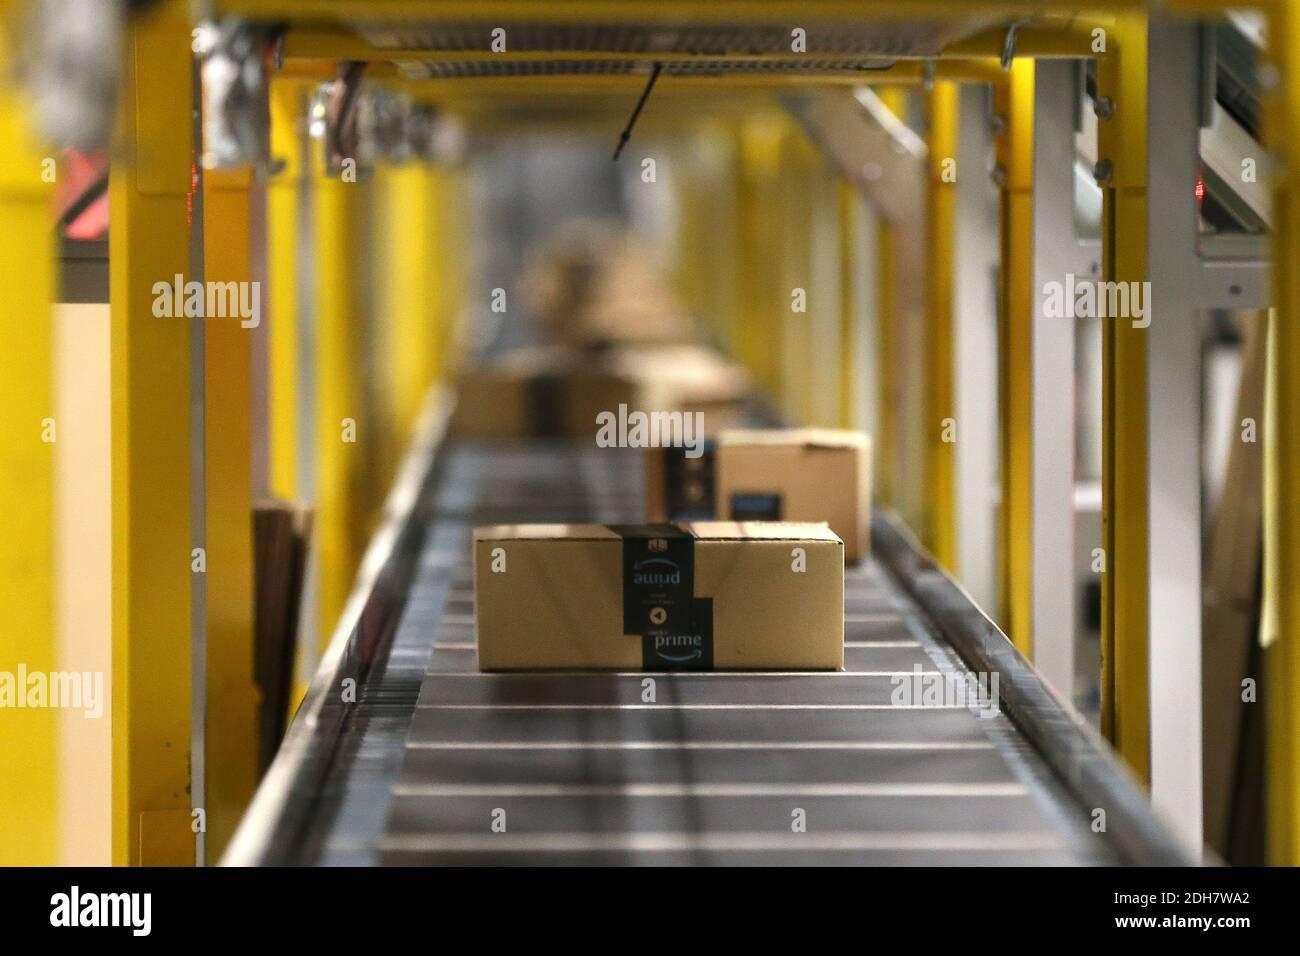 À l'intérieur du site Amazon EMA2 à Sutton-in-Ashfield.derrière les coulisses du site Amazon EMA2 à Sutton-in-Ashfield, dans le Nottinghamshire. Les achats en ligne ont connu une croissance rapide pendant la pandémie du coronavirus 2020, avec des magasins fermés, des lockdowns et des personnes prenant livraison d'articles au lieu de sortir. Photo prise le 25 novembre 2020 Banque D'Images